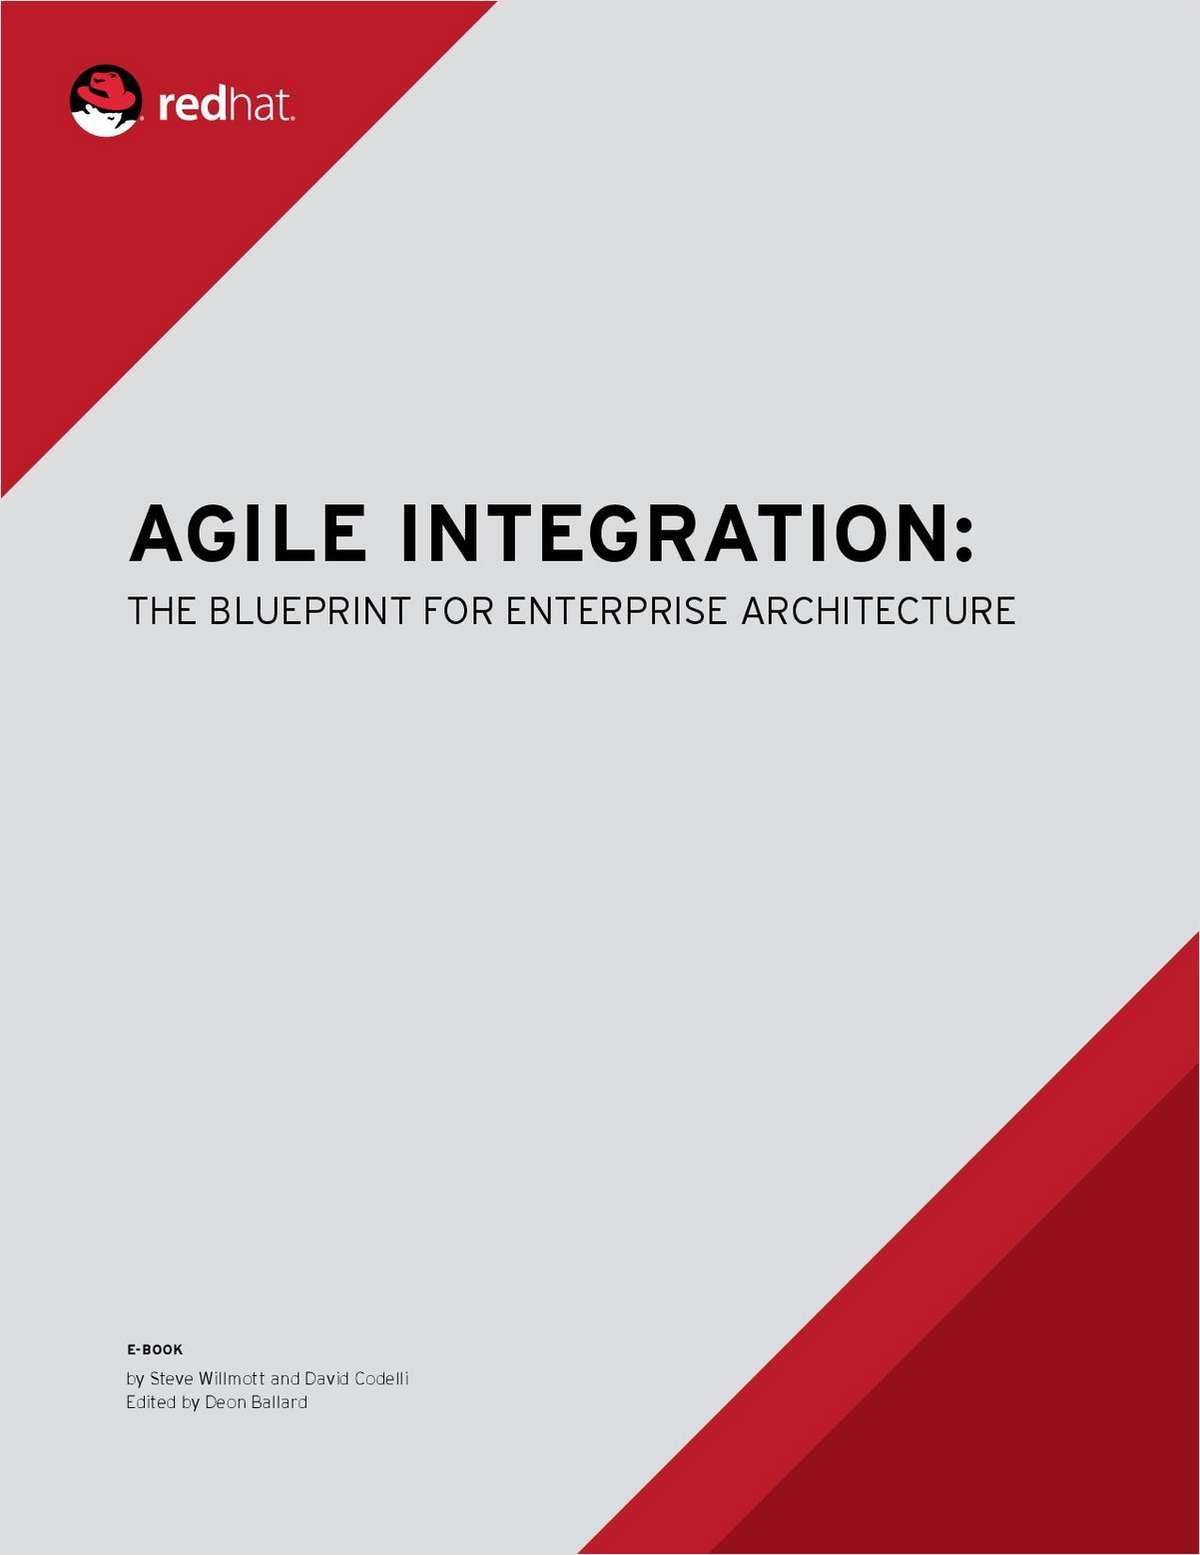 Agile integration: A blueprint for enterprise architecture